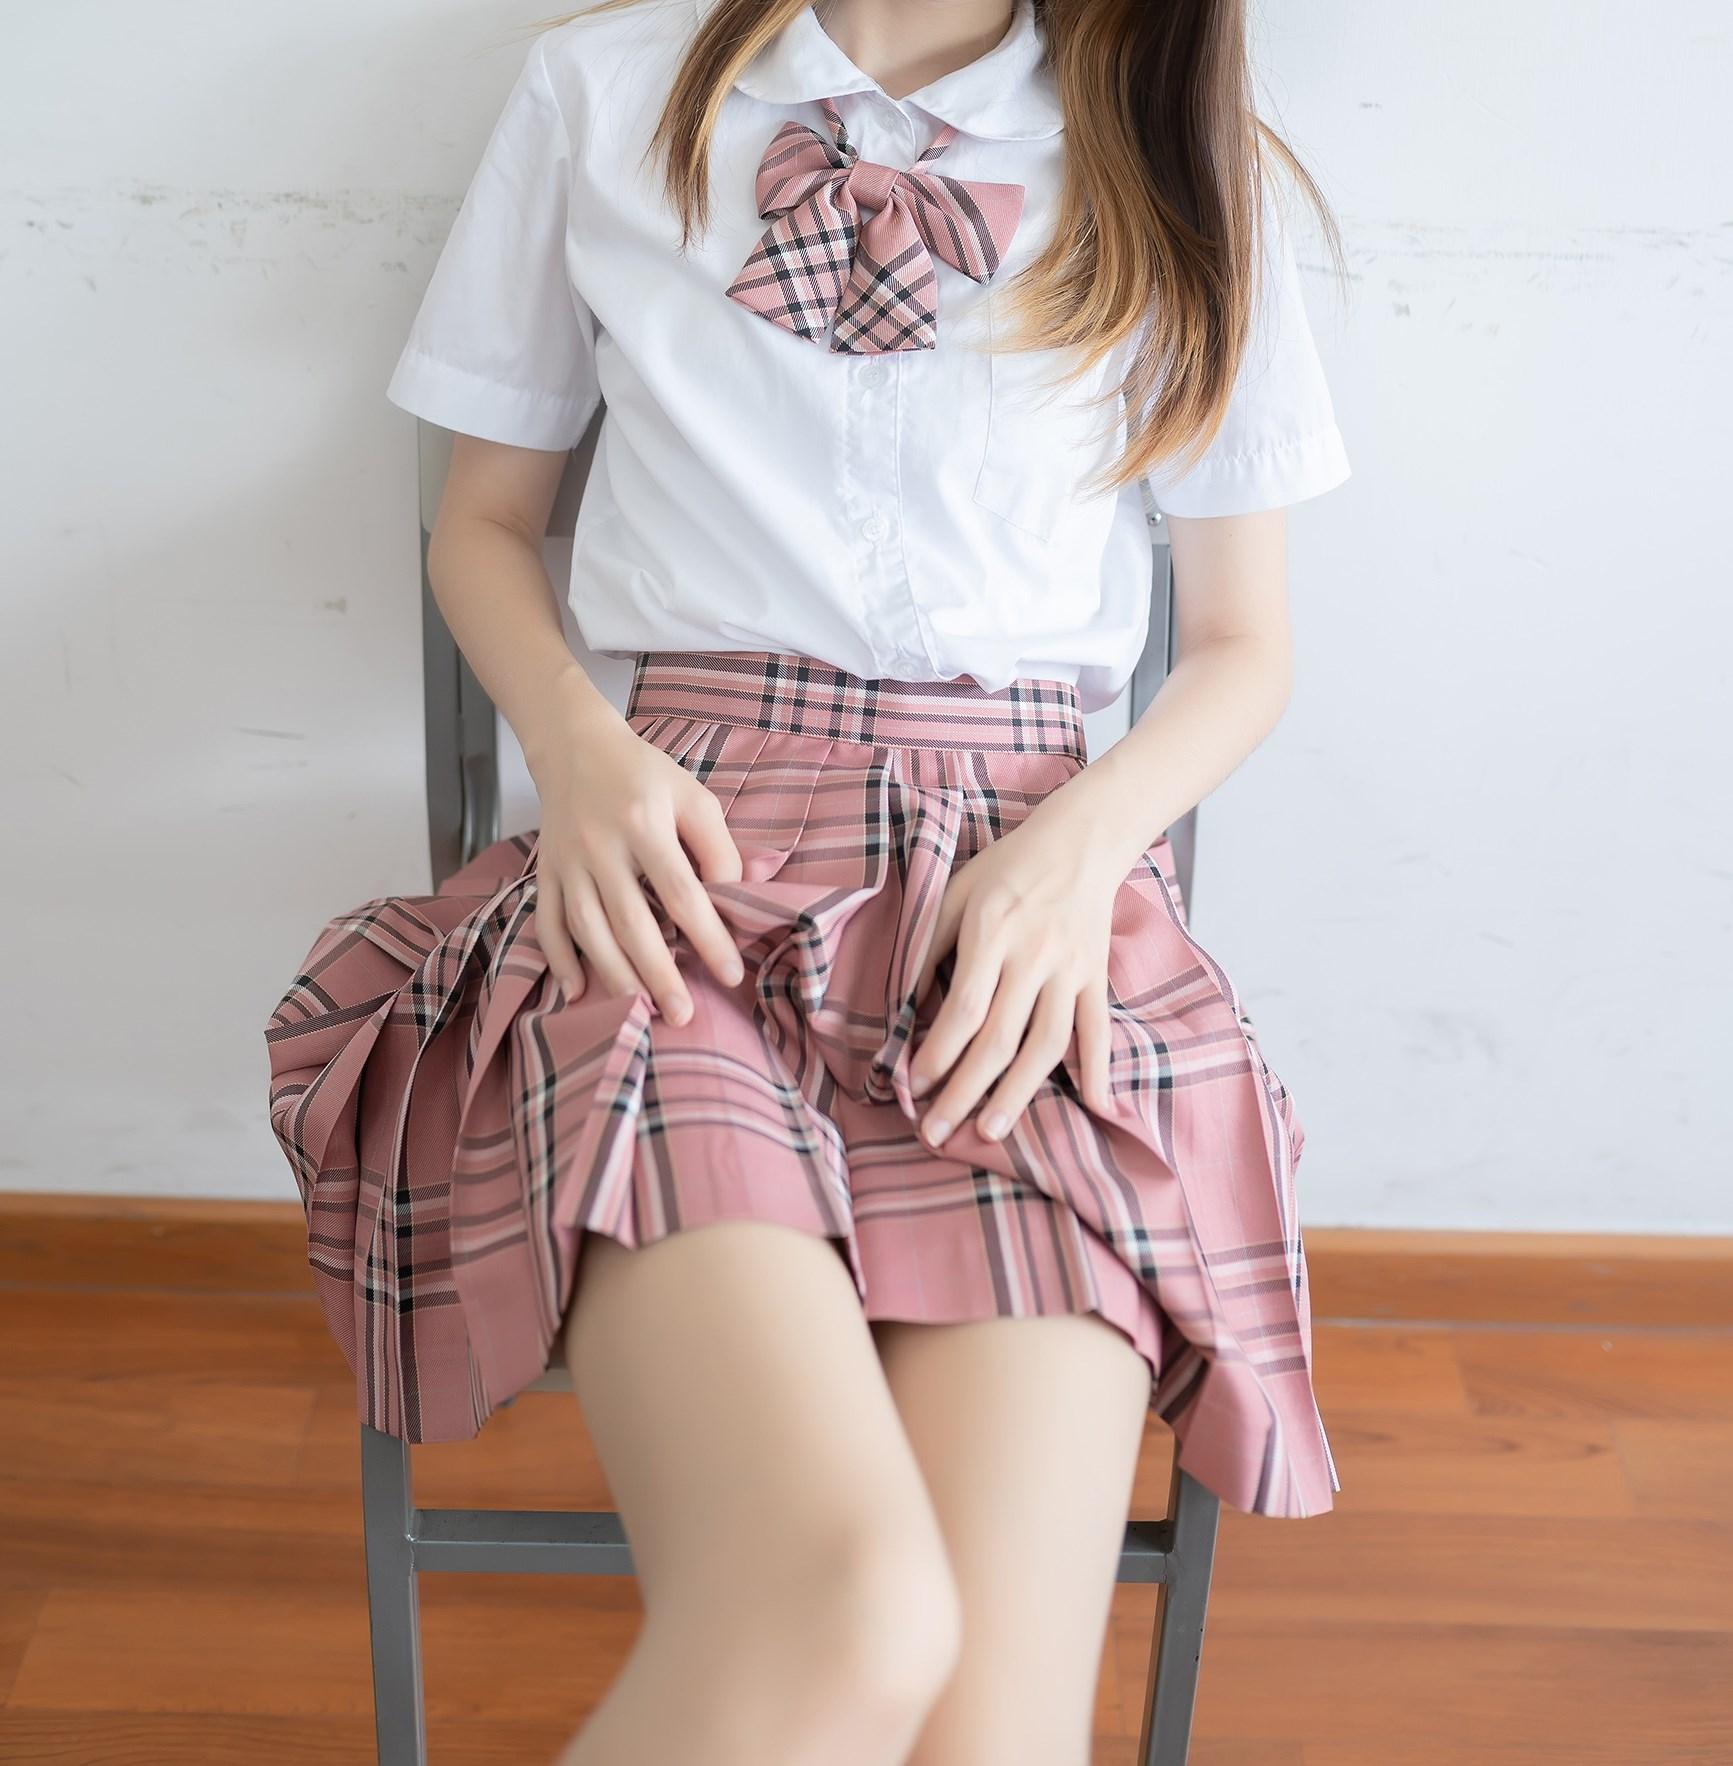 【兔玩映画】粉色格裙少女 兔玩映画 第36张